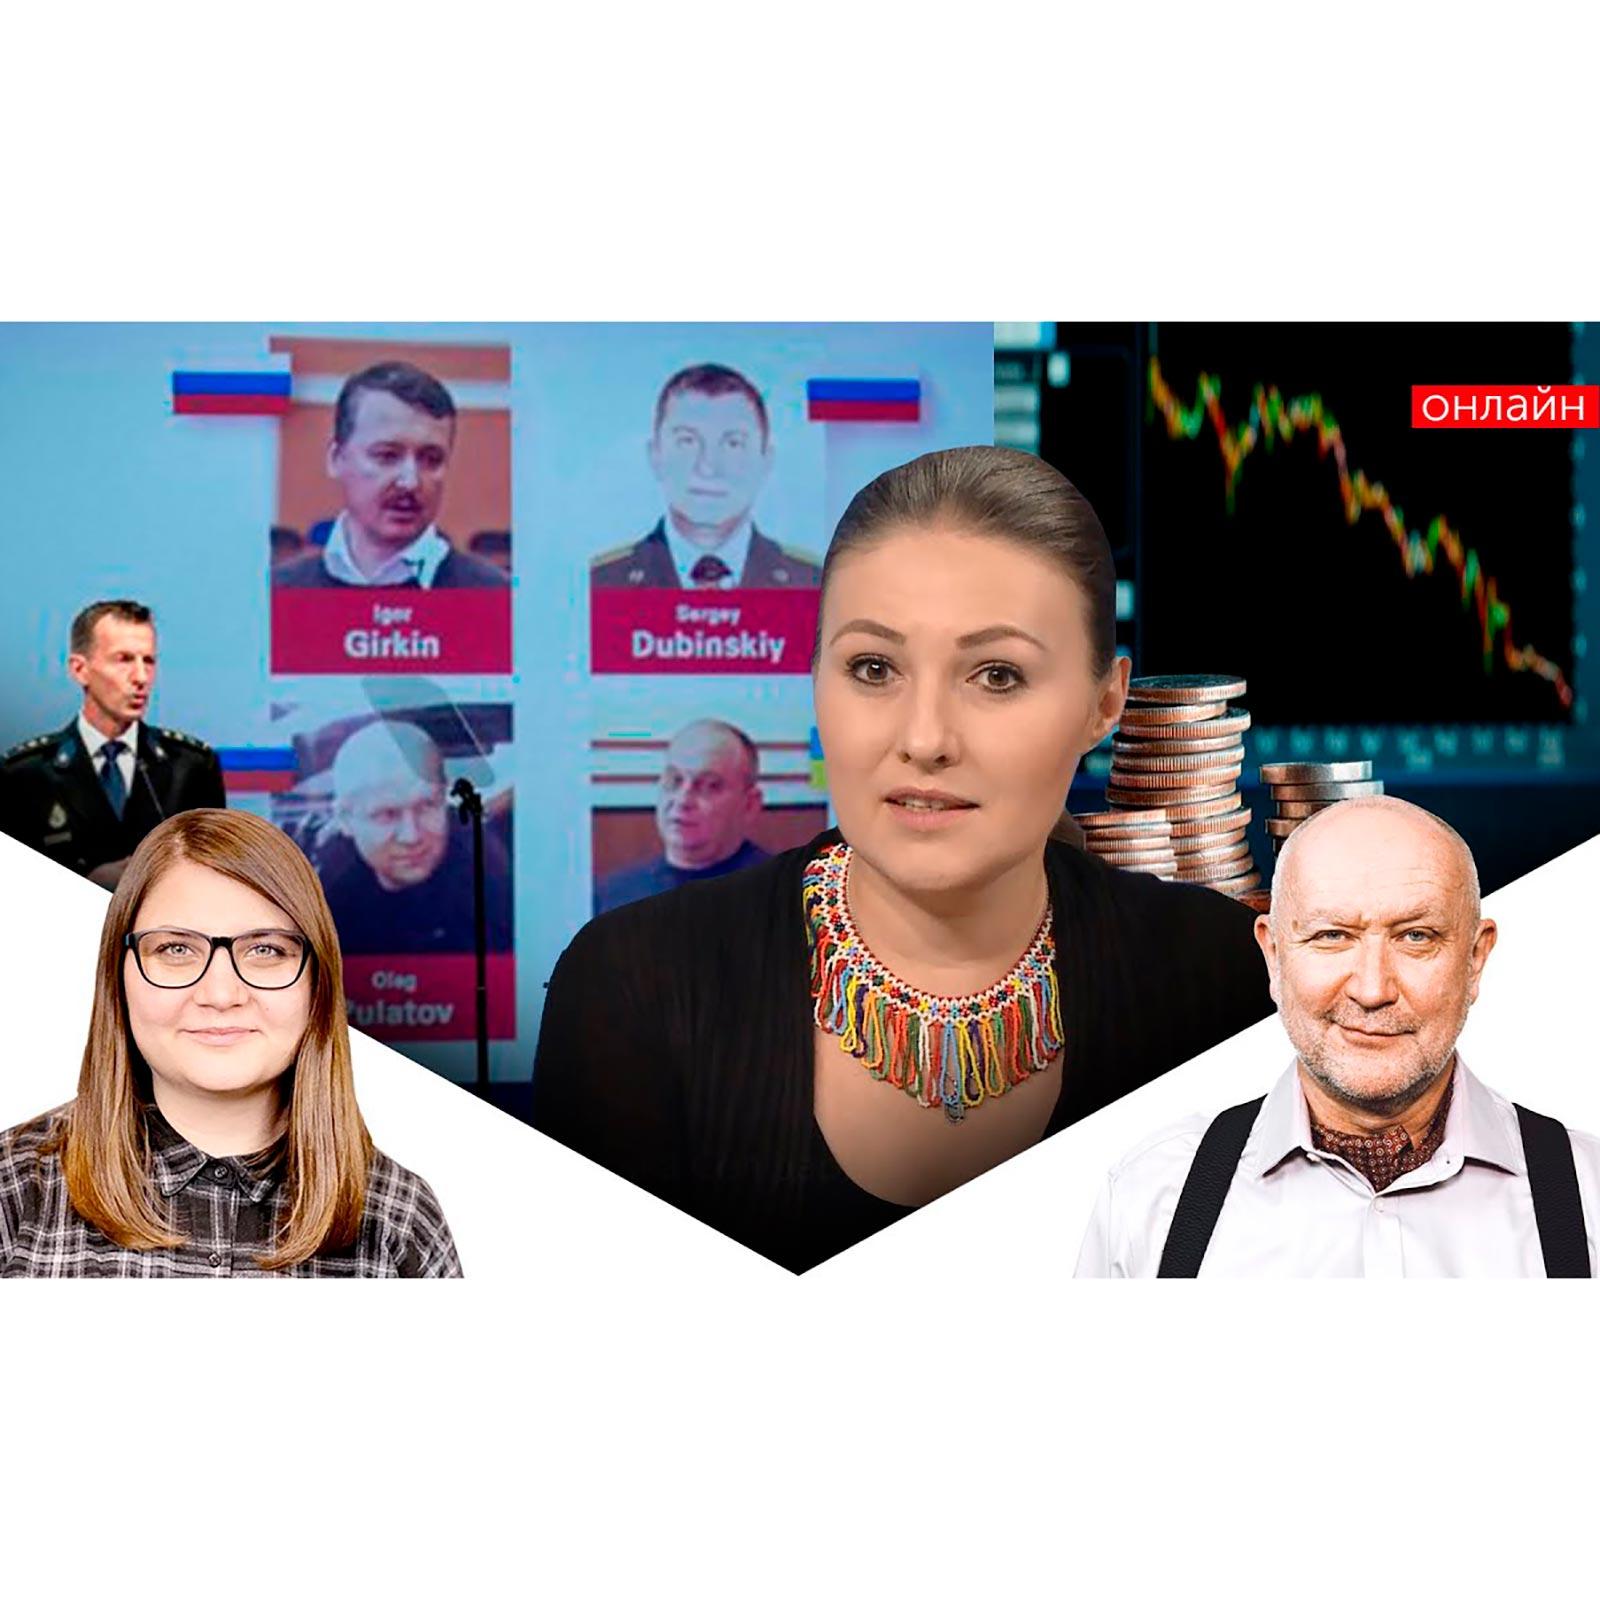 Суд над російськими терористами, Фединою та світовою еконономікою